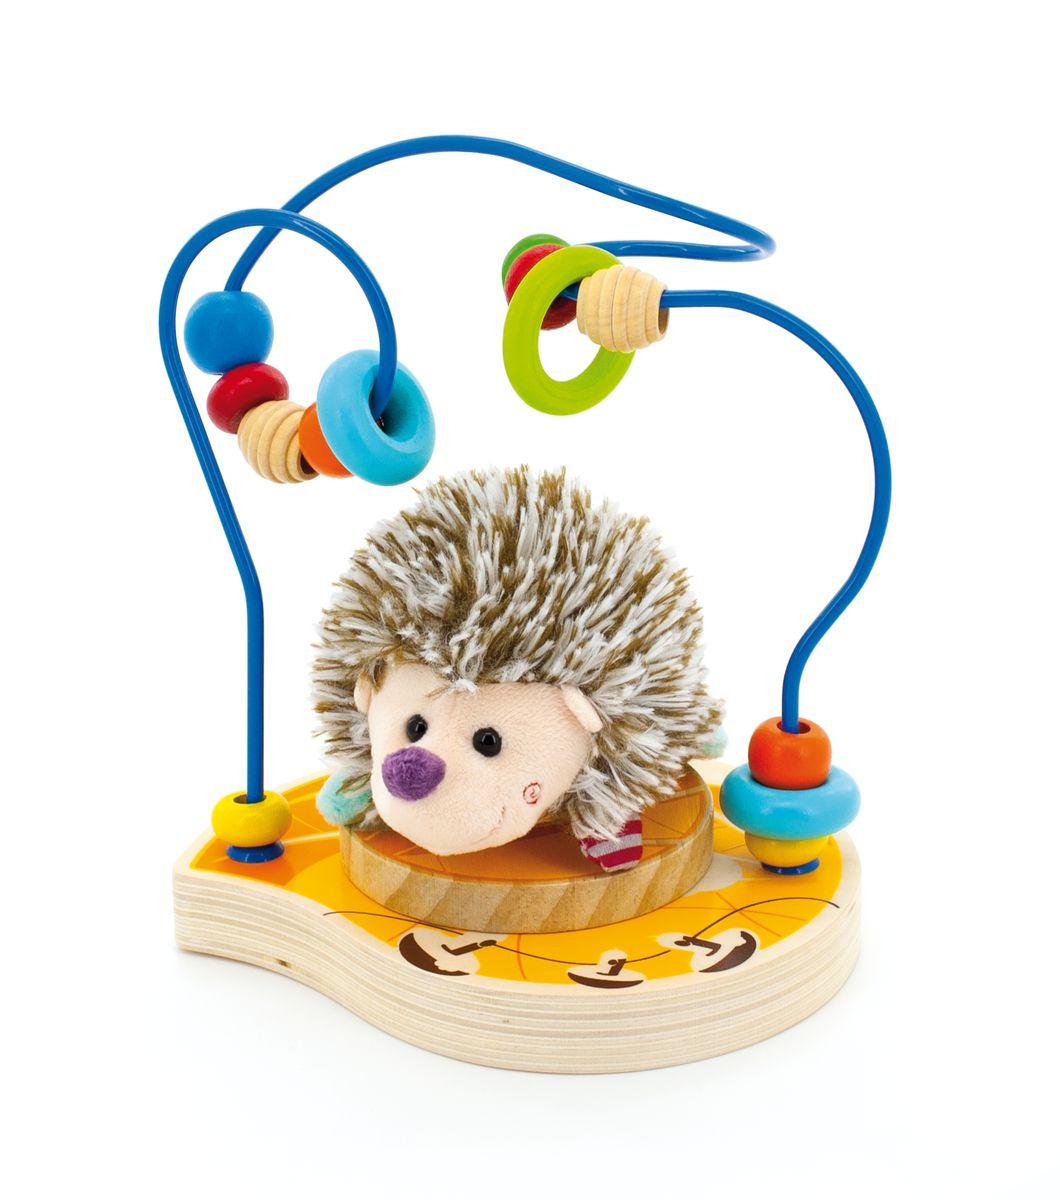 Мир деревянных игрушек Лабиринт Ежик игрушка мир деревянных игрушек лабиринт буренка д384